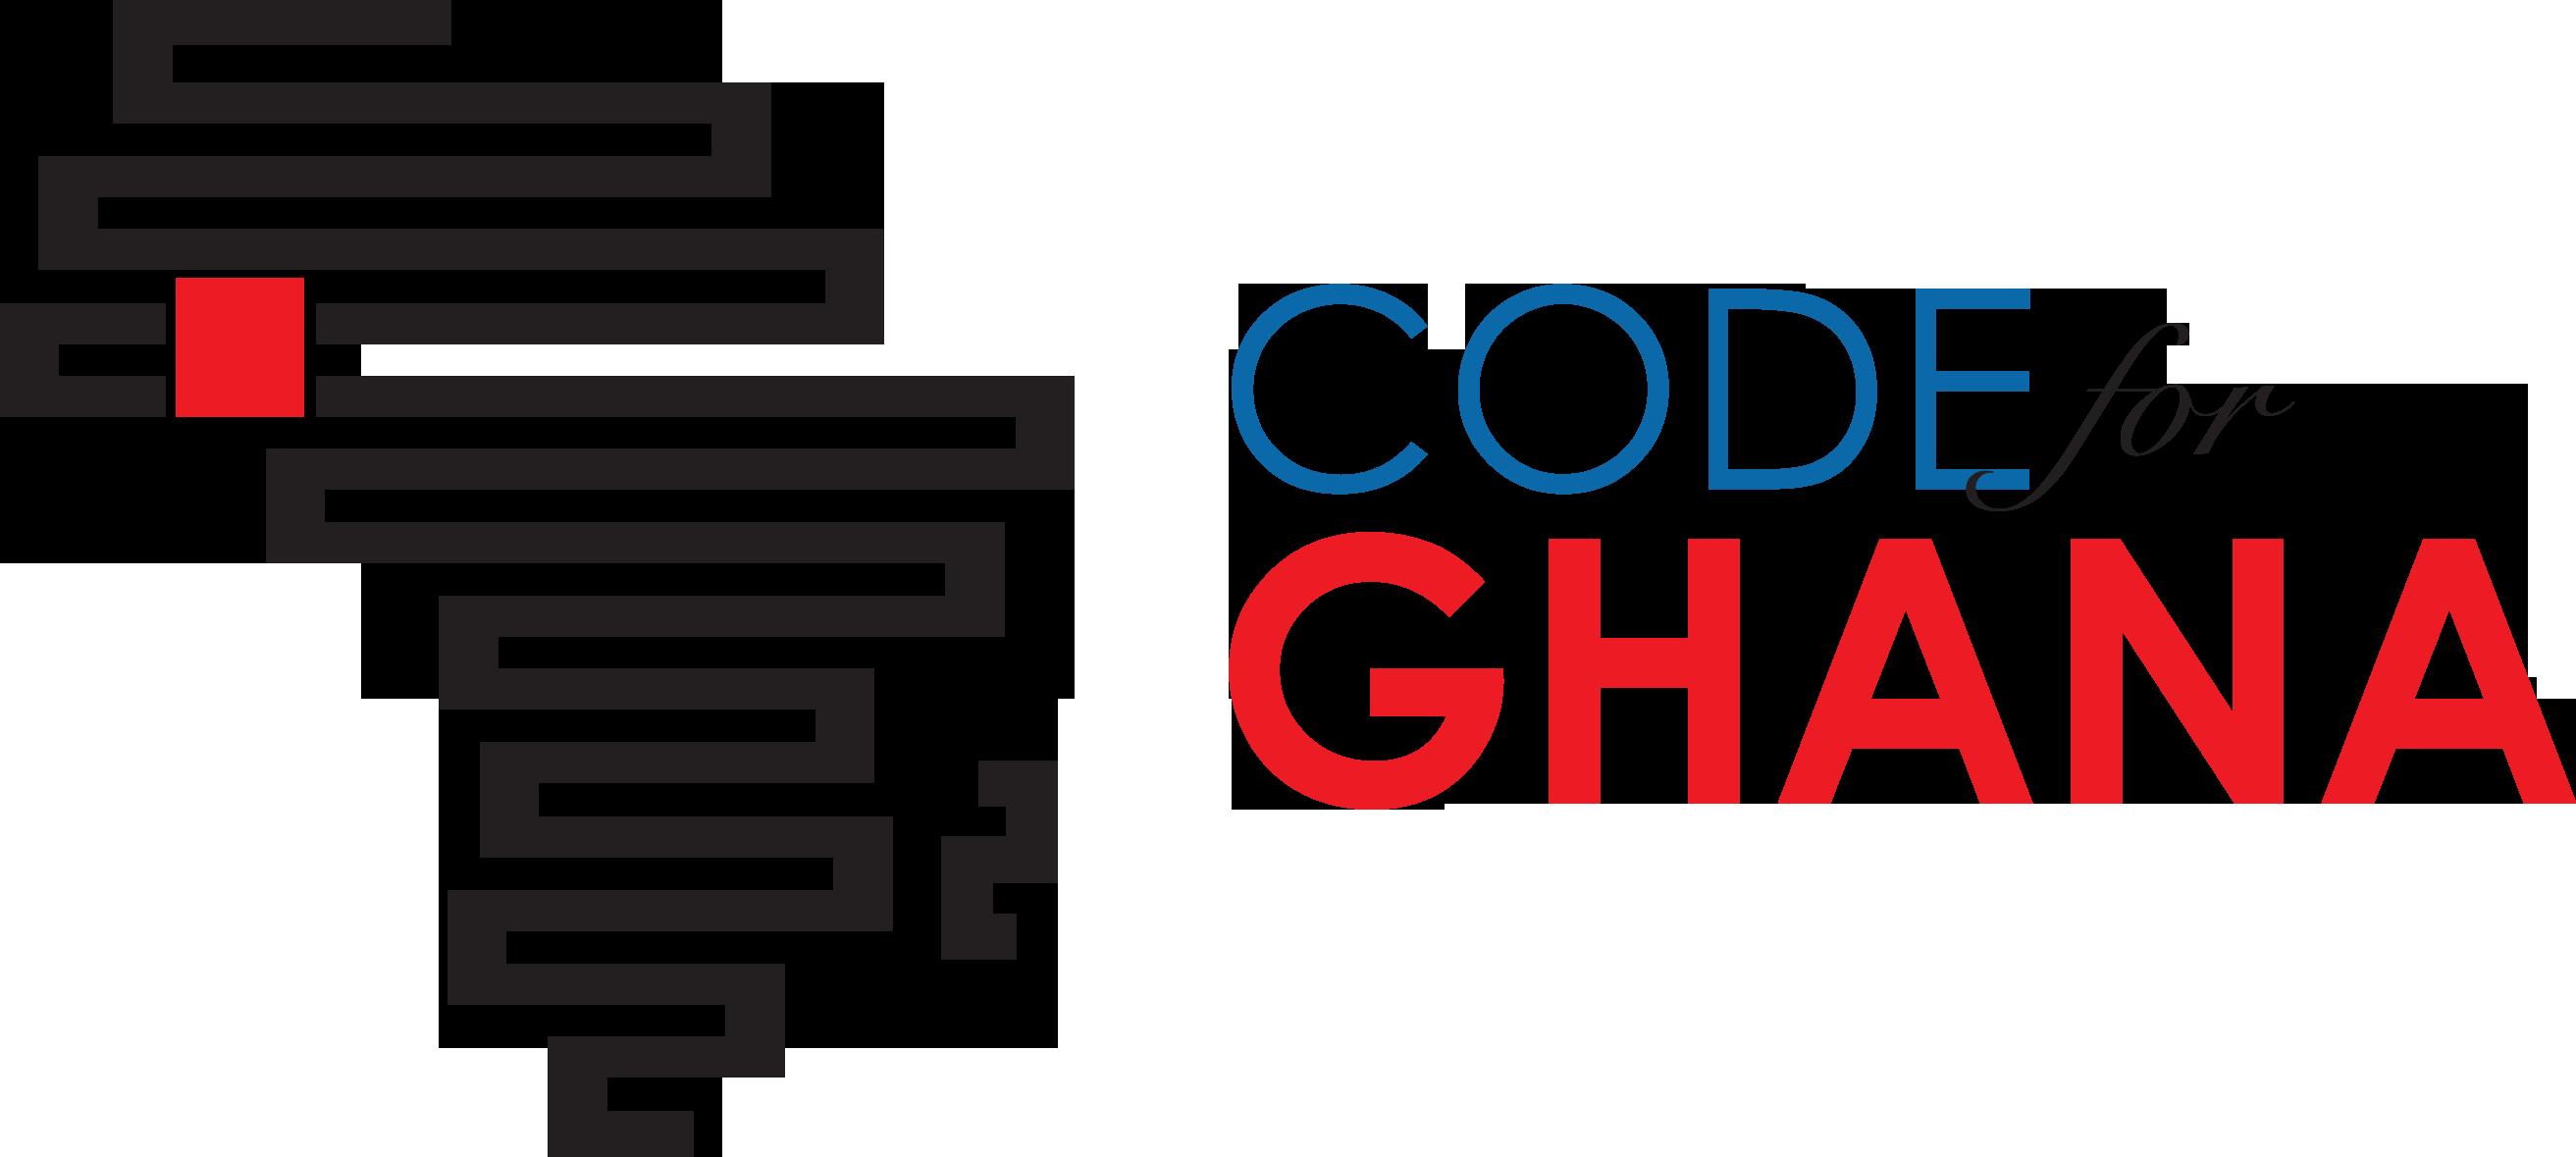 code-for-ghana